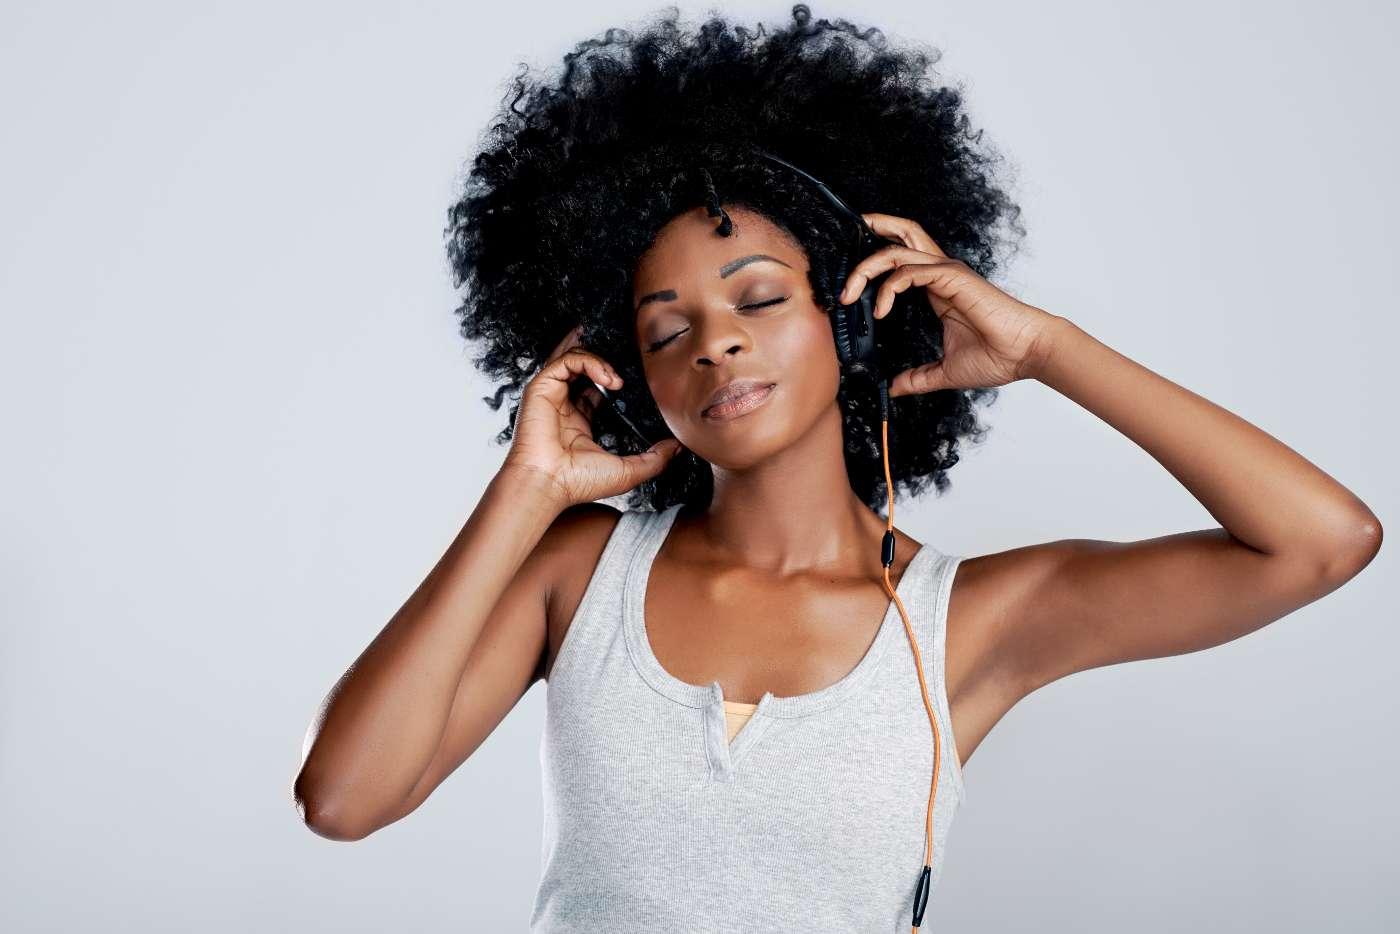 Le Flac peut s'écouter sur une grande variété d'appareils, notamment certains baladeurs audio haut de gamme. © Daxiao Productions, Shutterstock